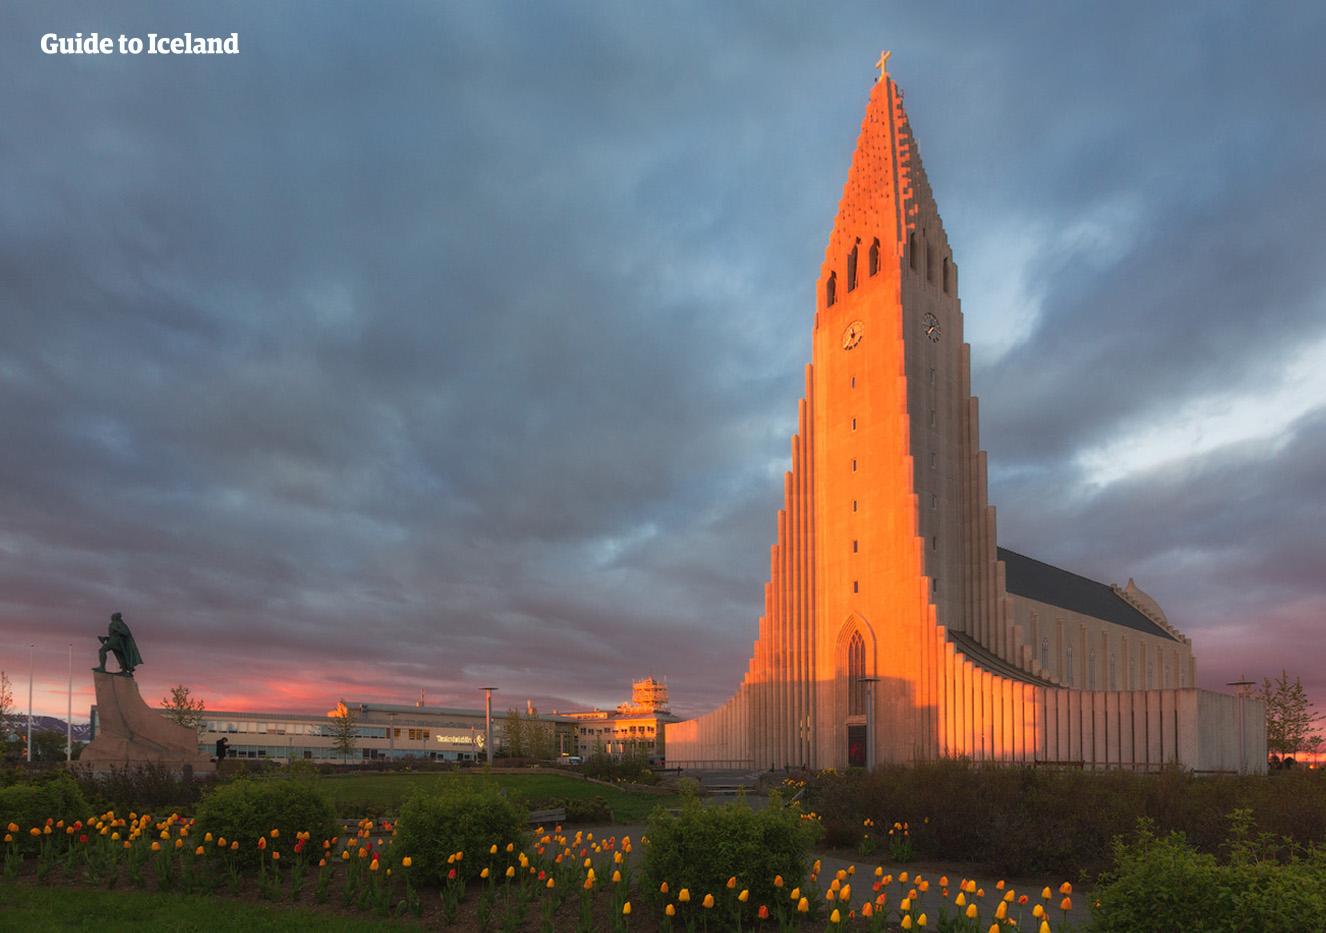 El edificio emblemático de Reikiavik, la iglesia Hallgrímskirkja, bañada por los rayos del sol de medianoche.